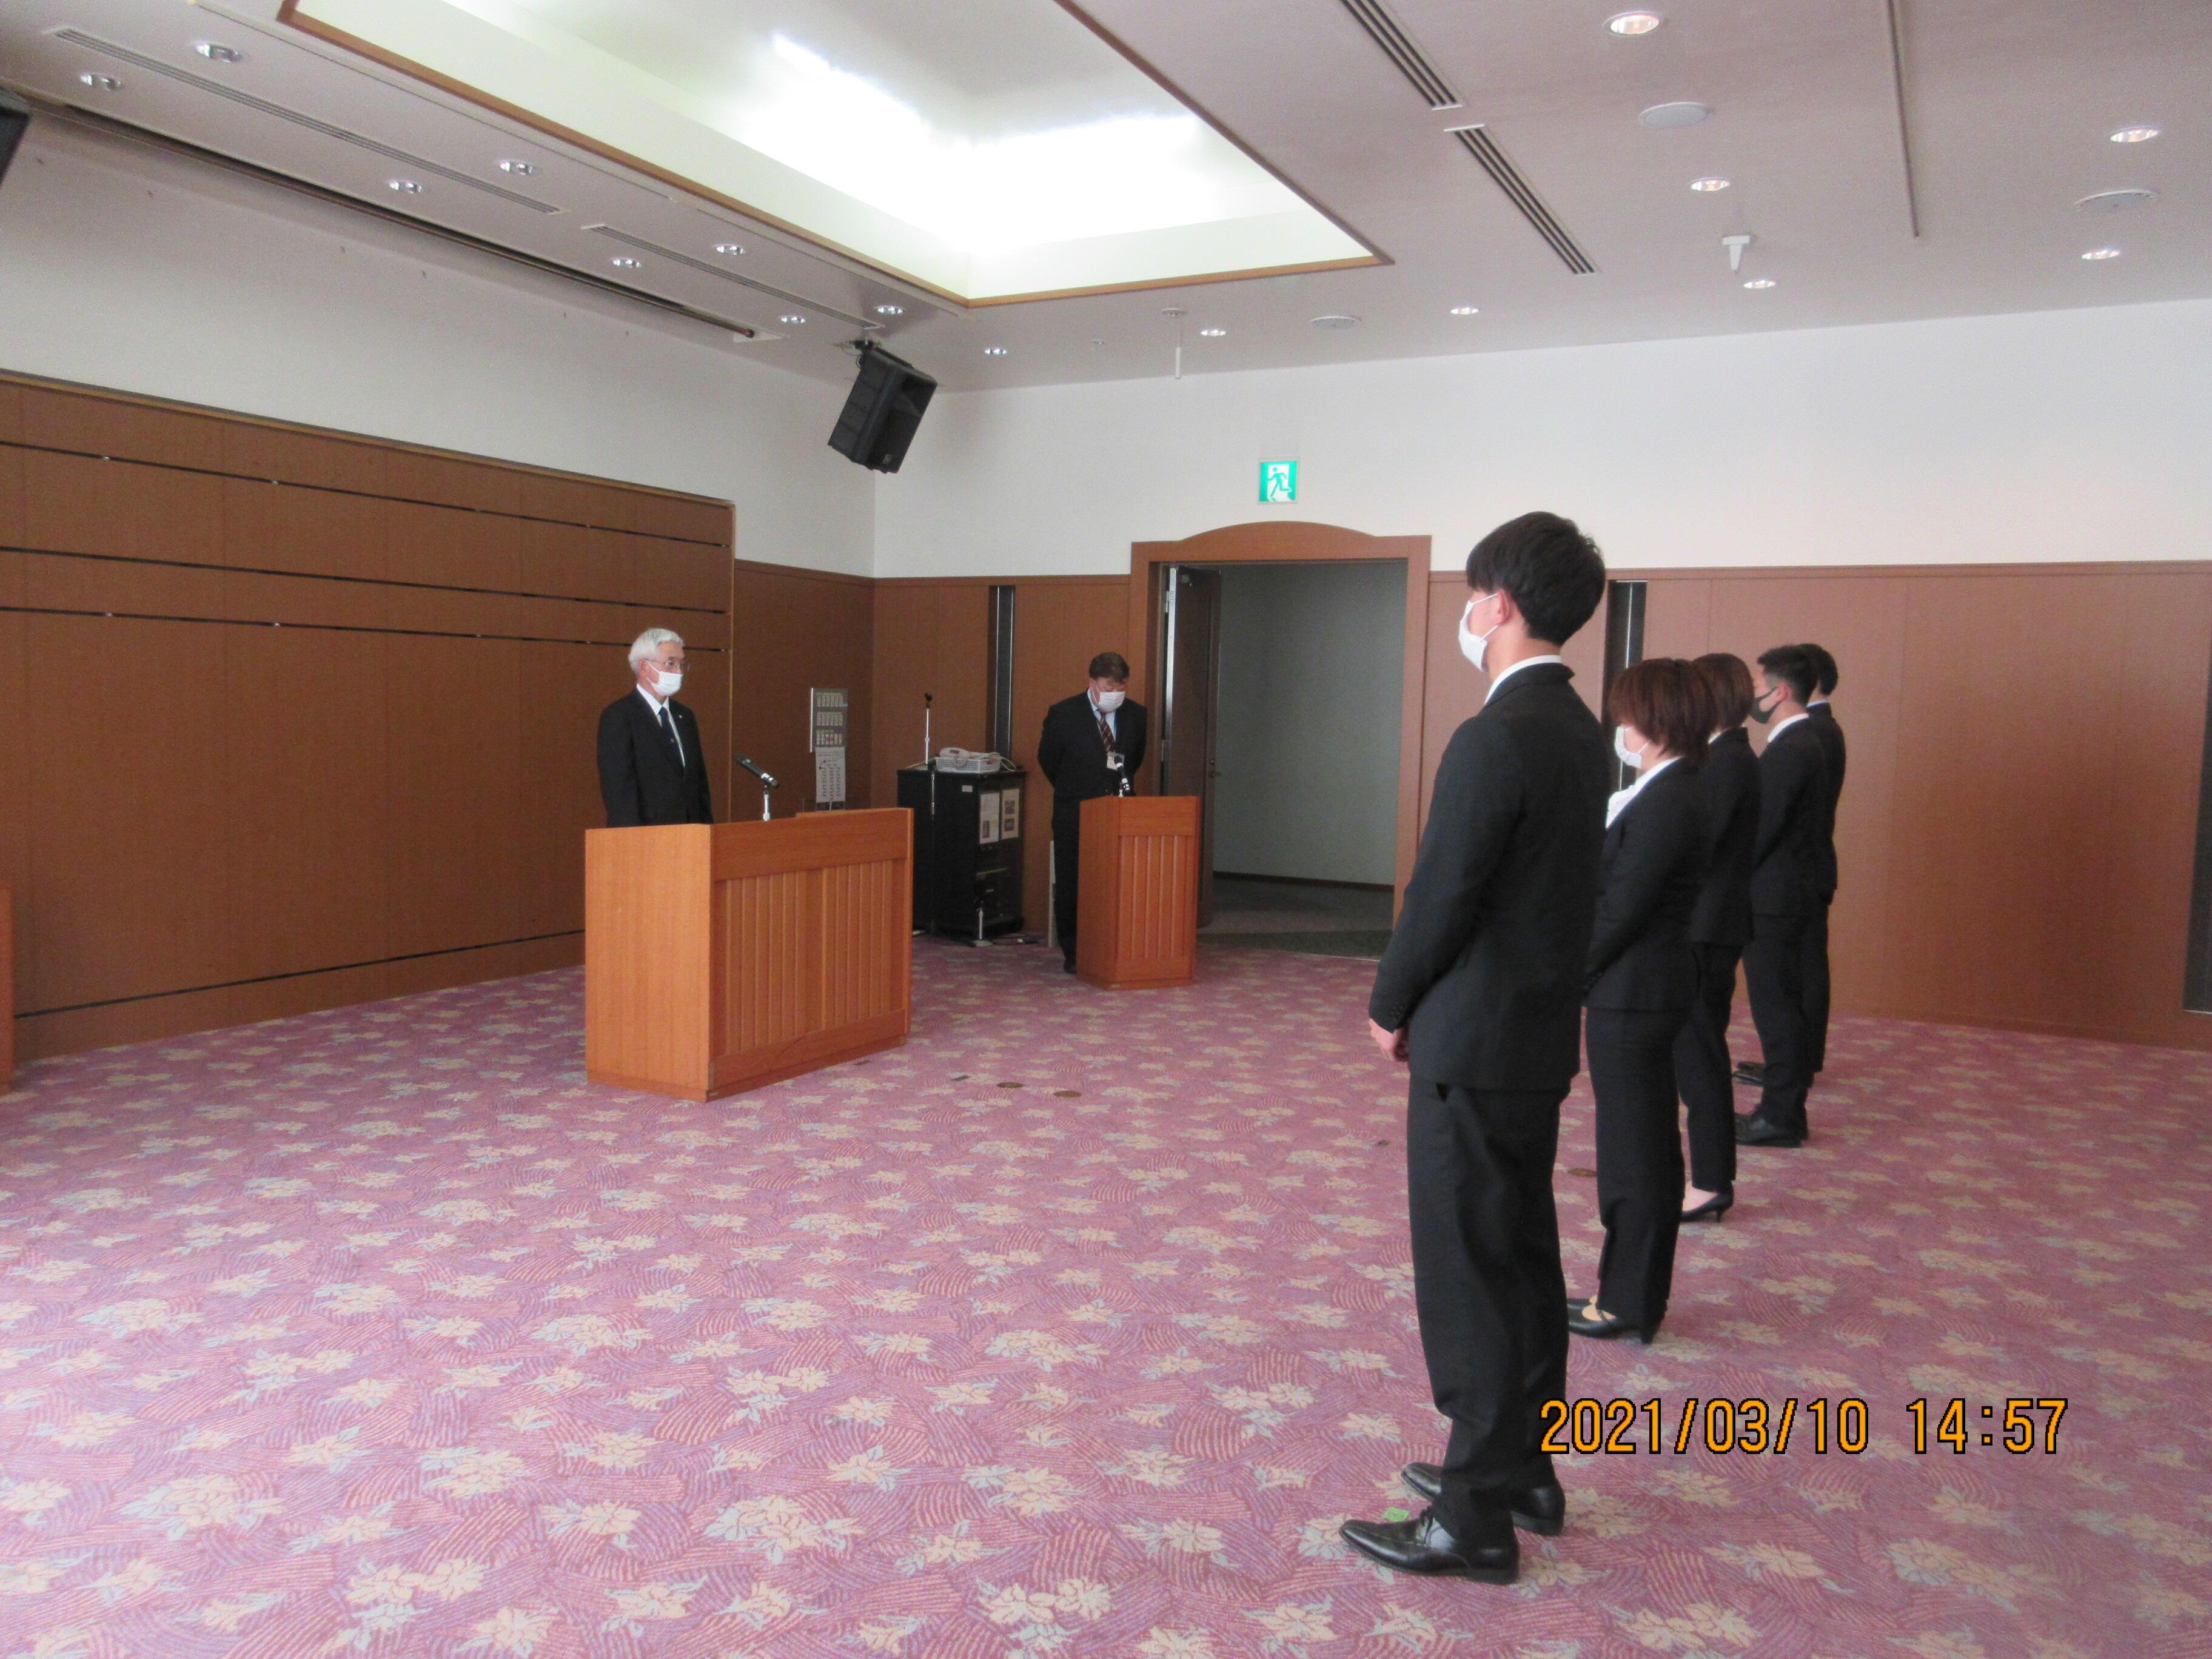 令和2年度広島大学副学長表彰式を行いました